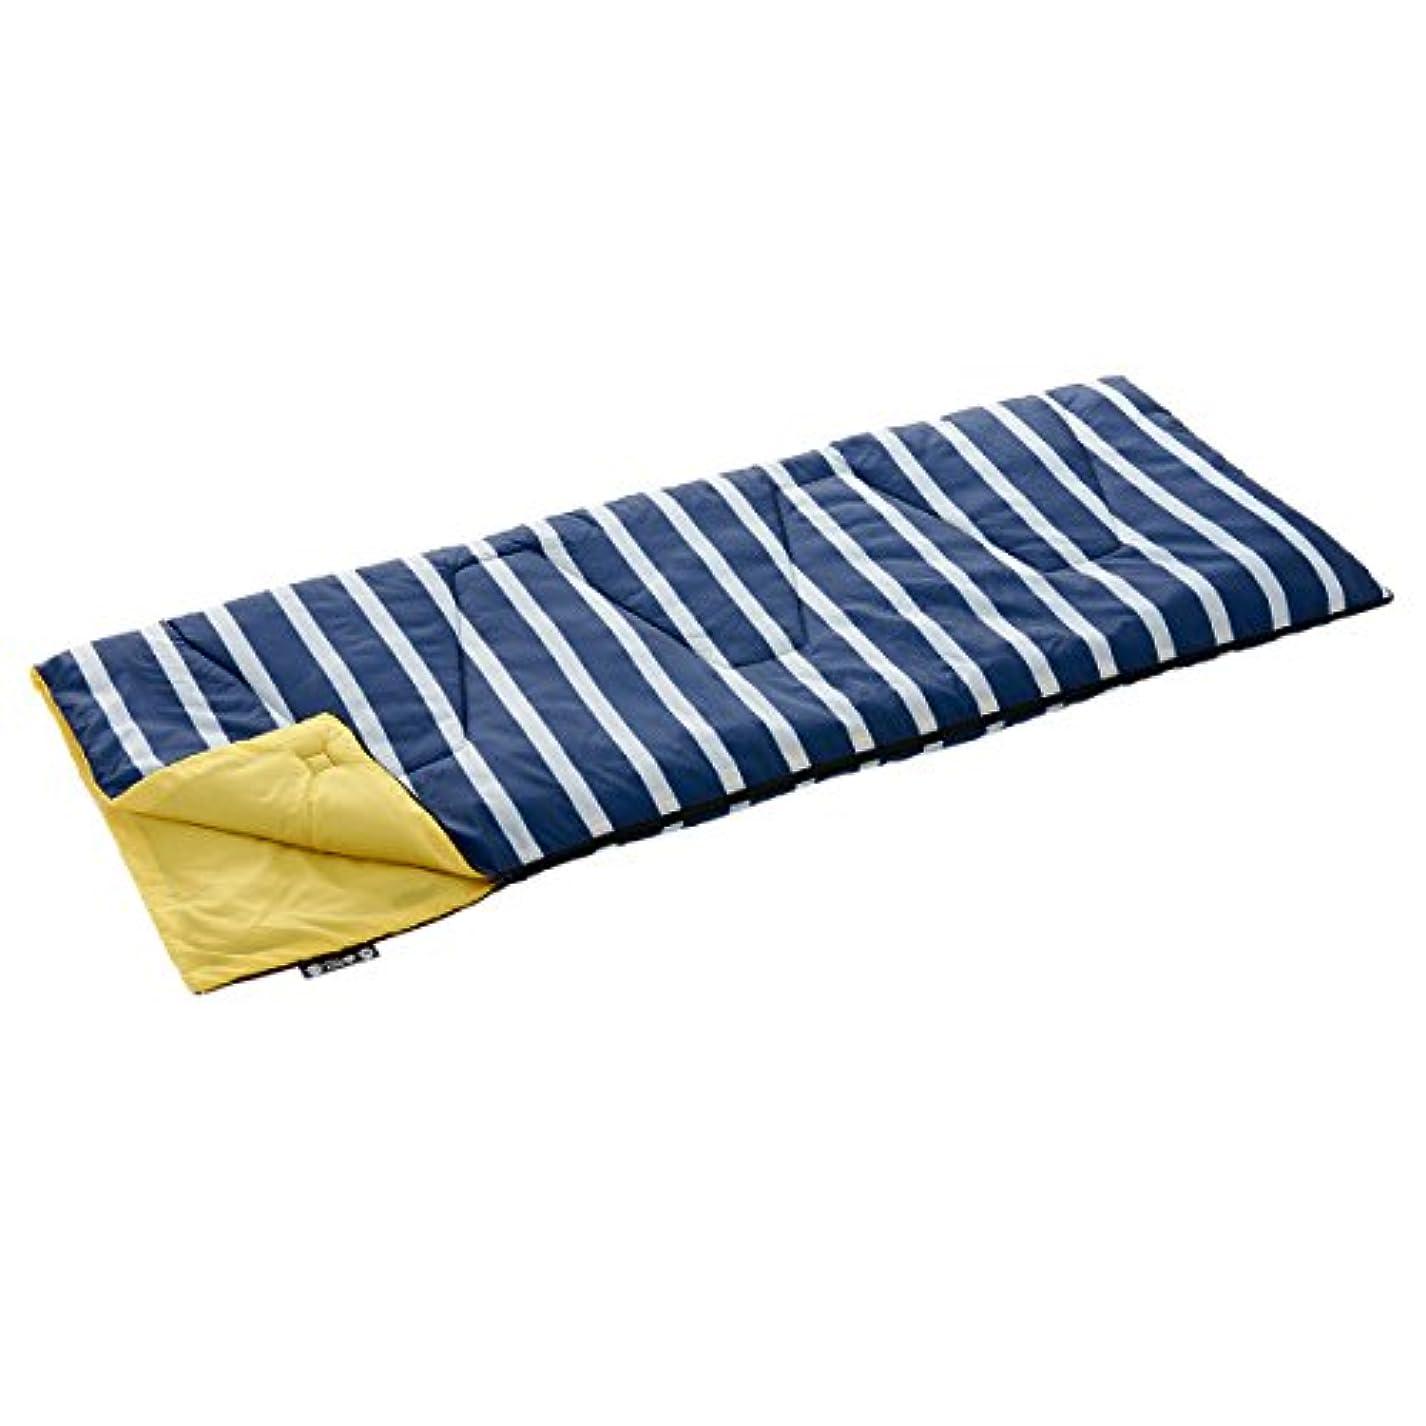 想起くつろぐホームロゴス 寝袋 ROSY 丸洗いクッションボーダーシュラフ?6[最低使用温度6度] 72600970